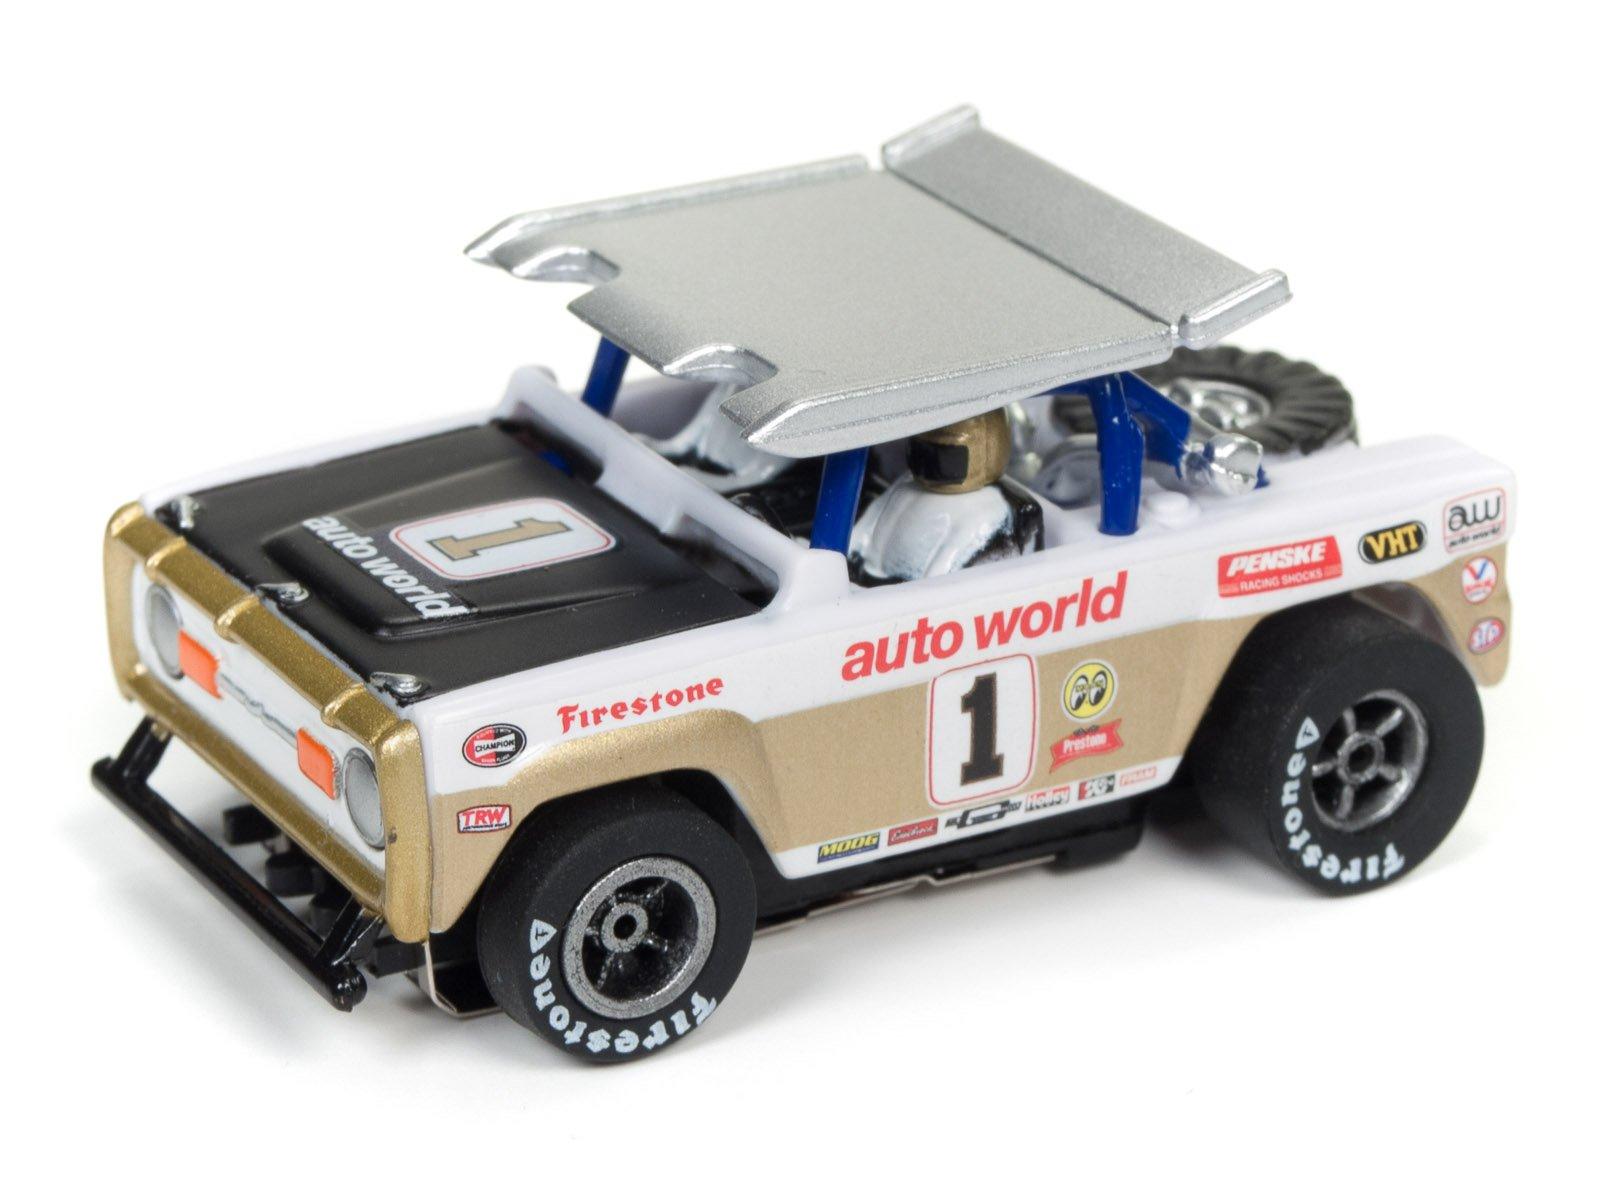 Auto World SRS322 14′ Baja Broncos Off-Road Challenge Slot Car Set by TeamWorks (Image #3)